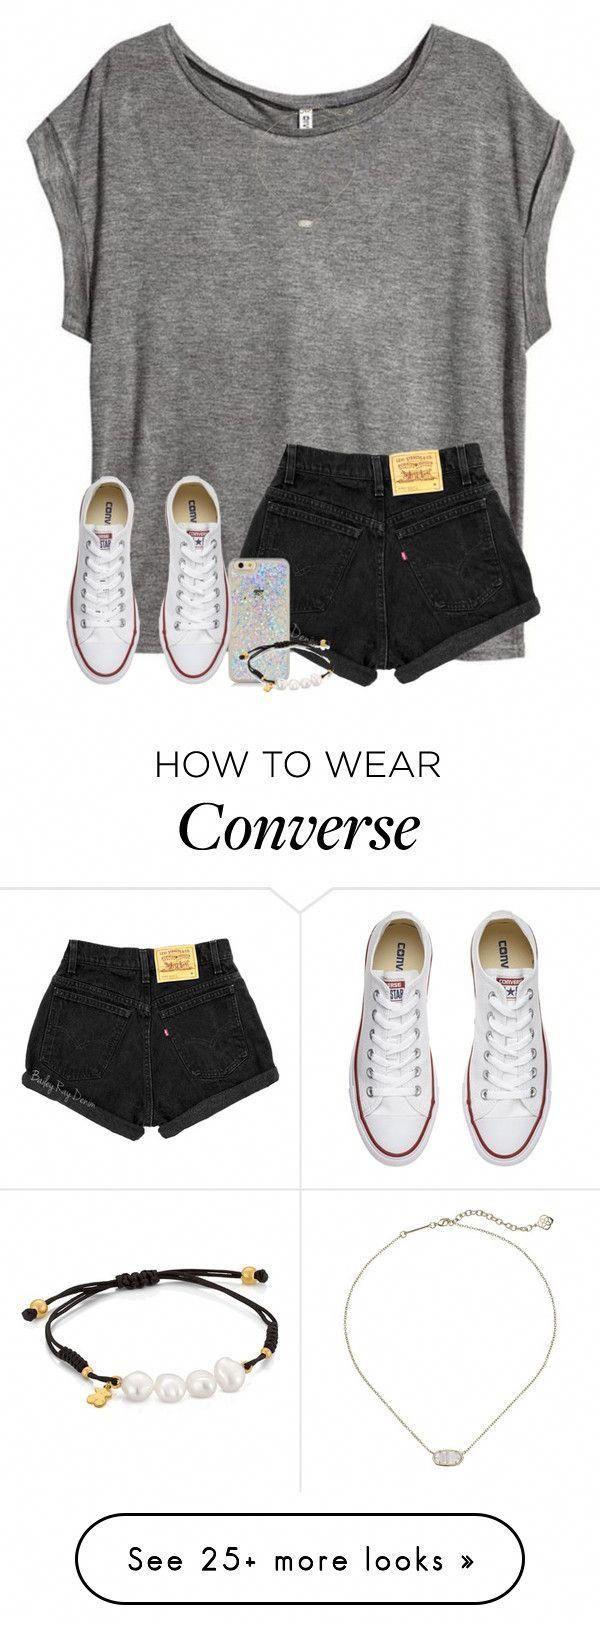 separation shoes 32eb1 5faa9 Siti di abbigliamento per ragazze junior   Shopping alla ...